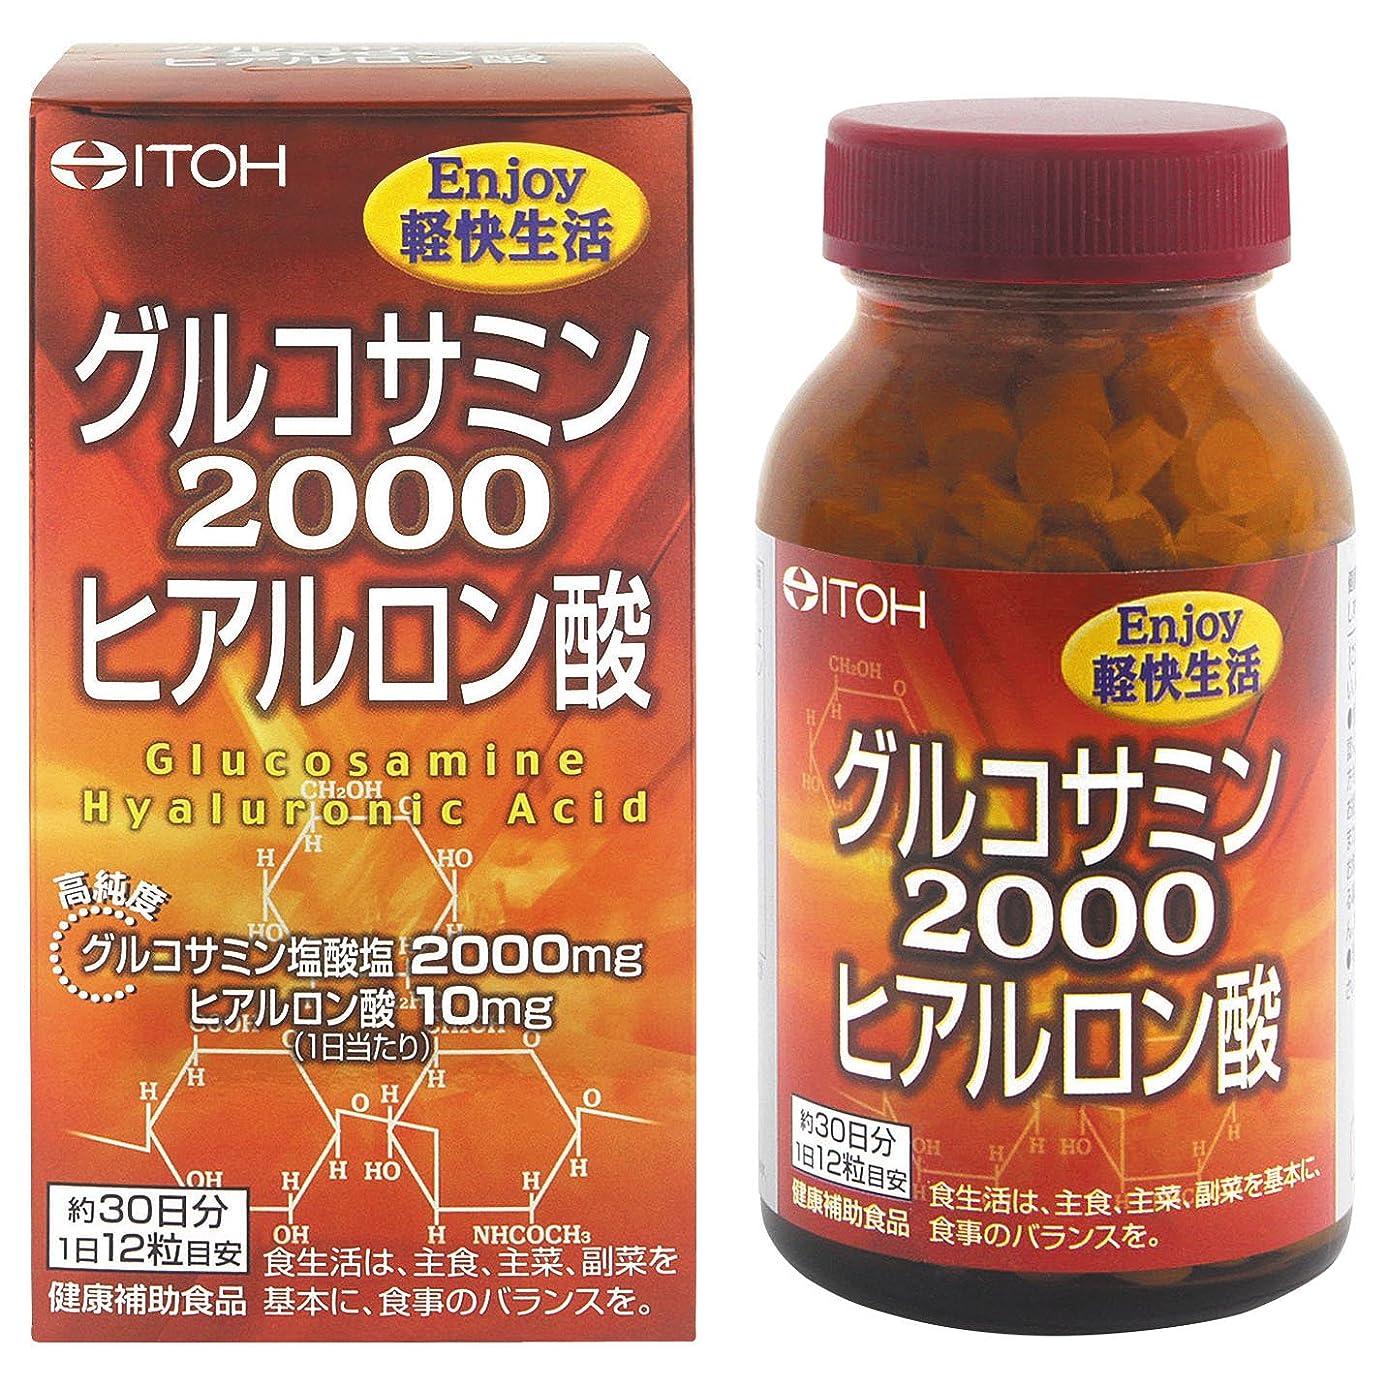 アレルギー半ば霧井藤漢方製薬 グルコサミン2000ヒアルロン酸 約30日分 300mgX360粒